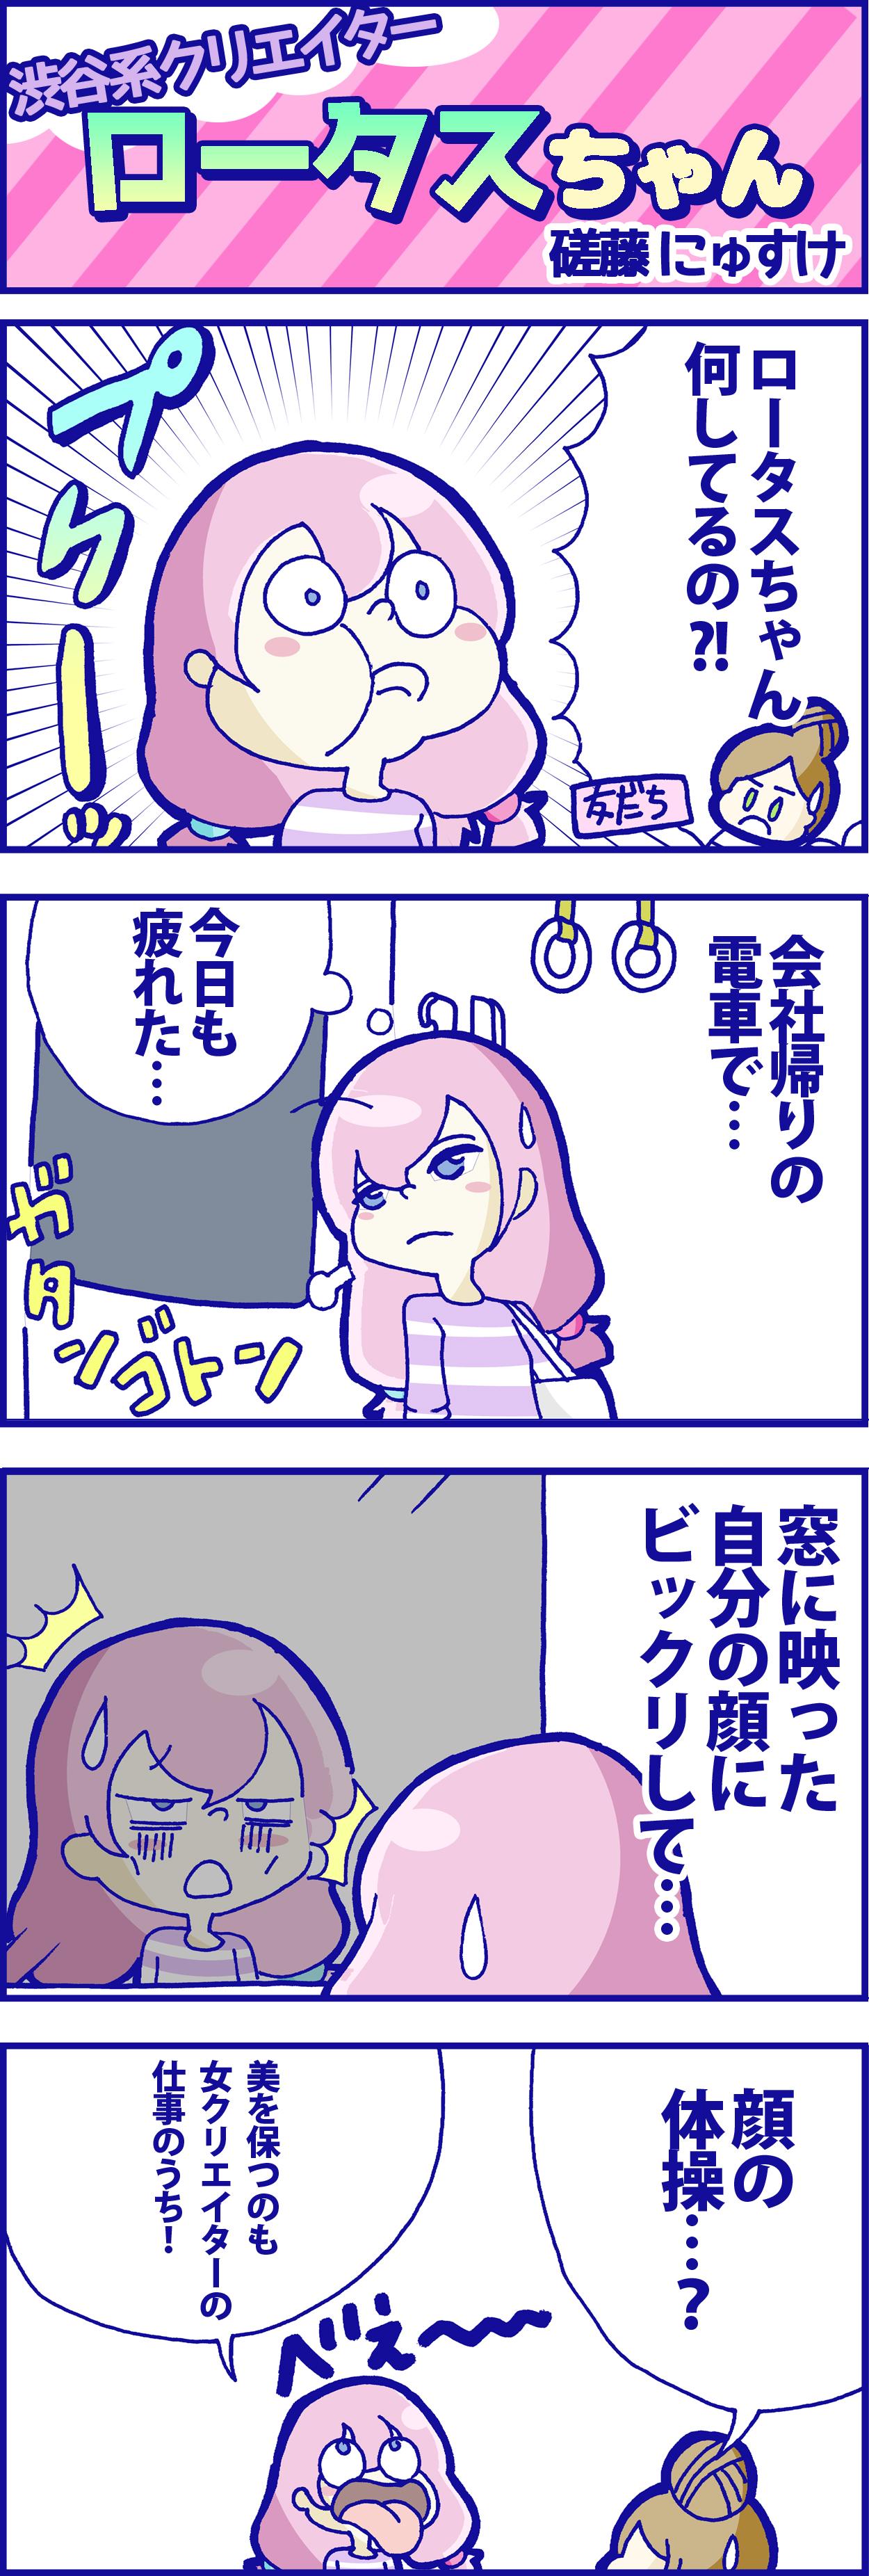 渋谷系クリエイターロータスちゃん#3 磋藤にゅすけ